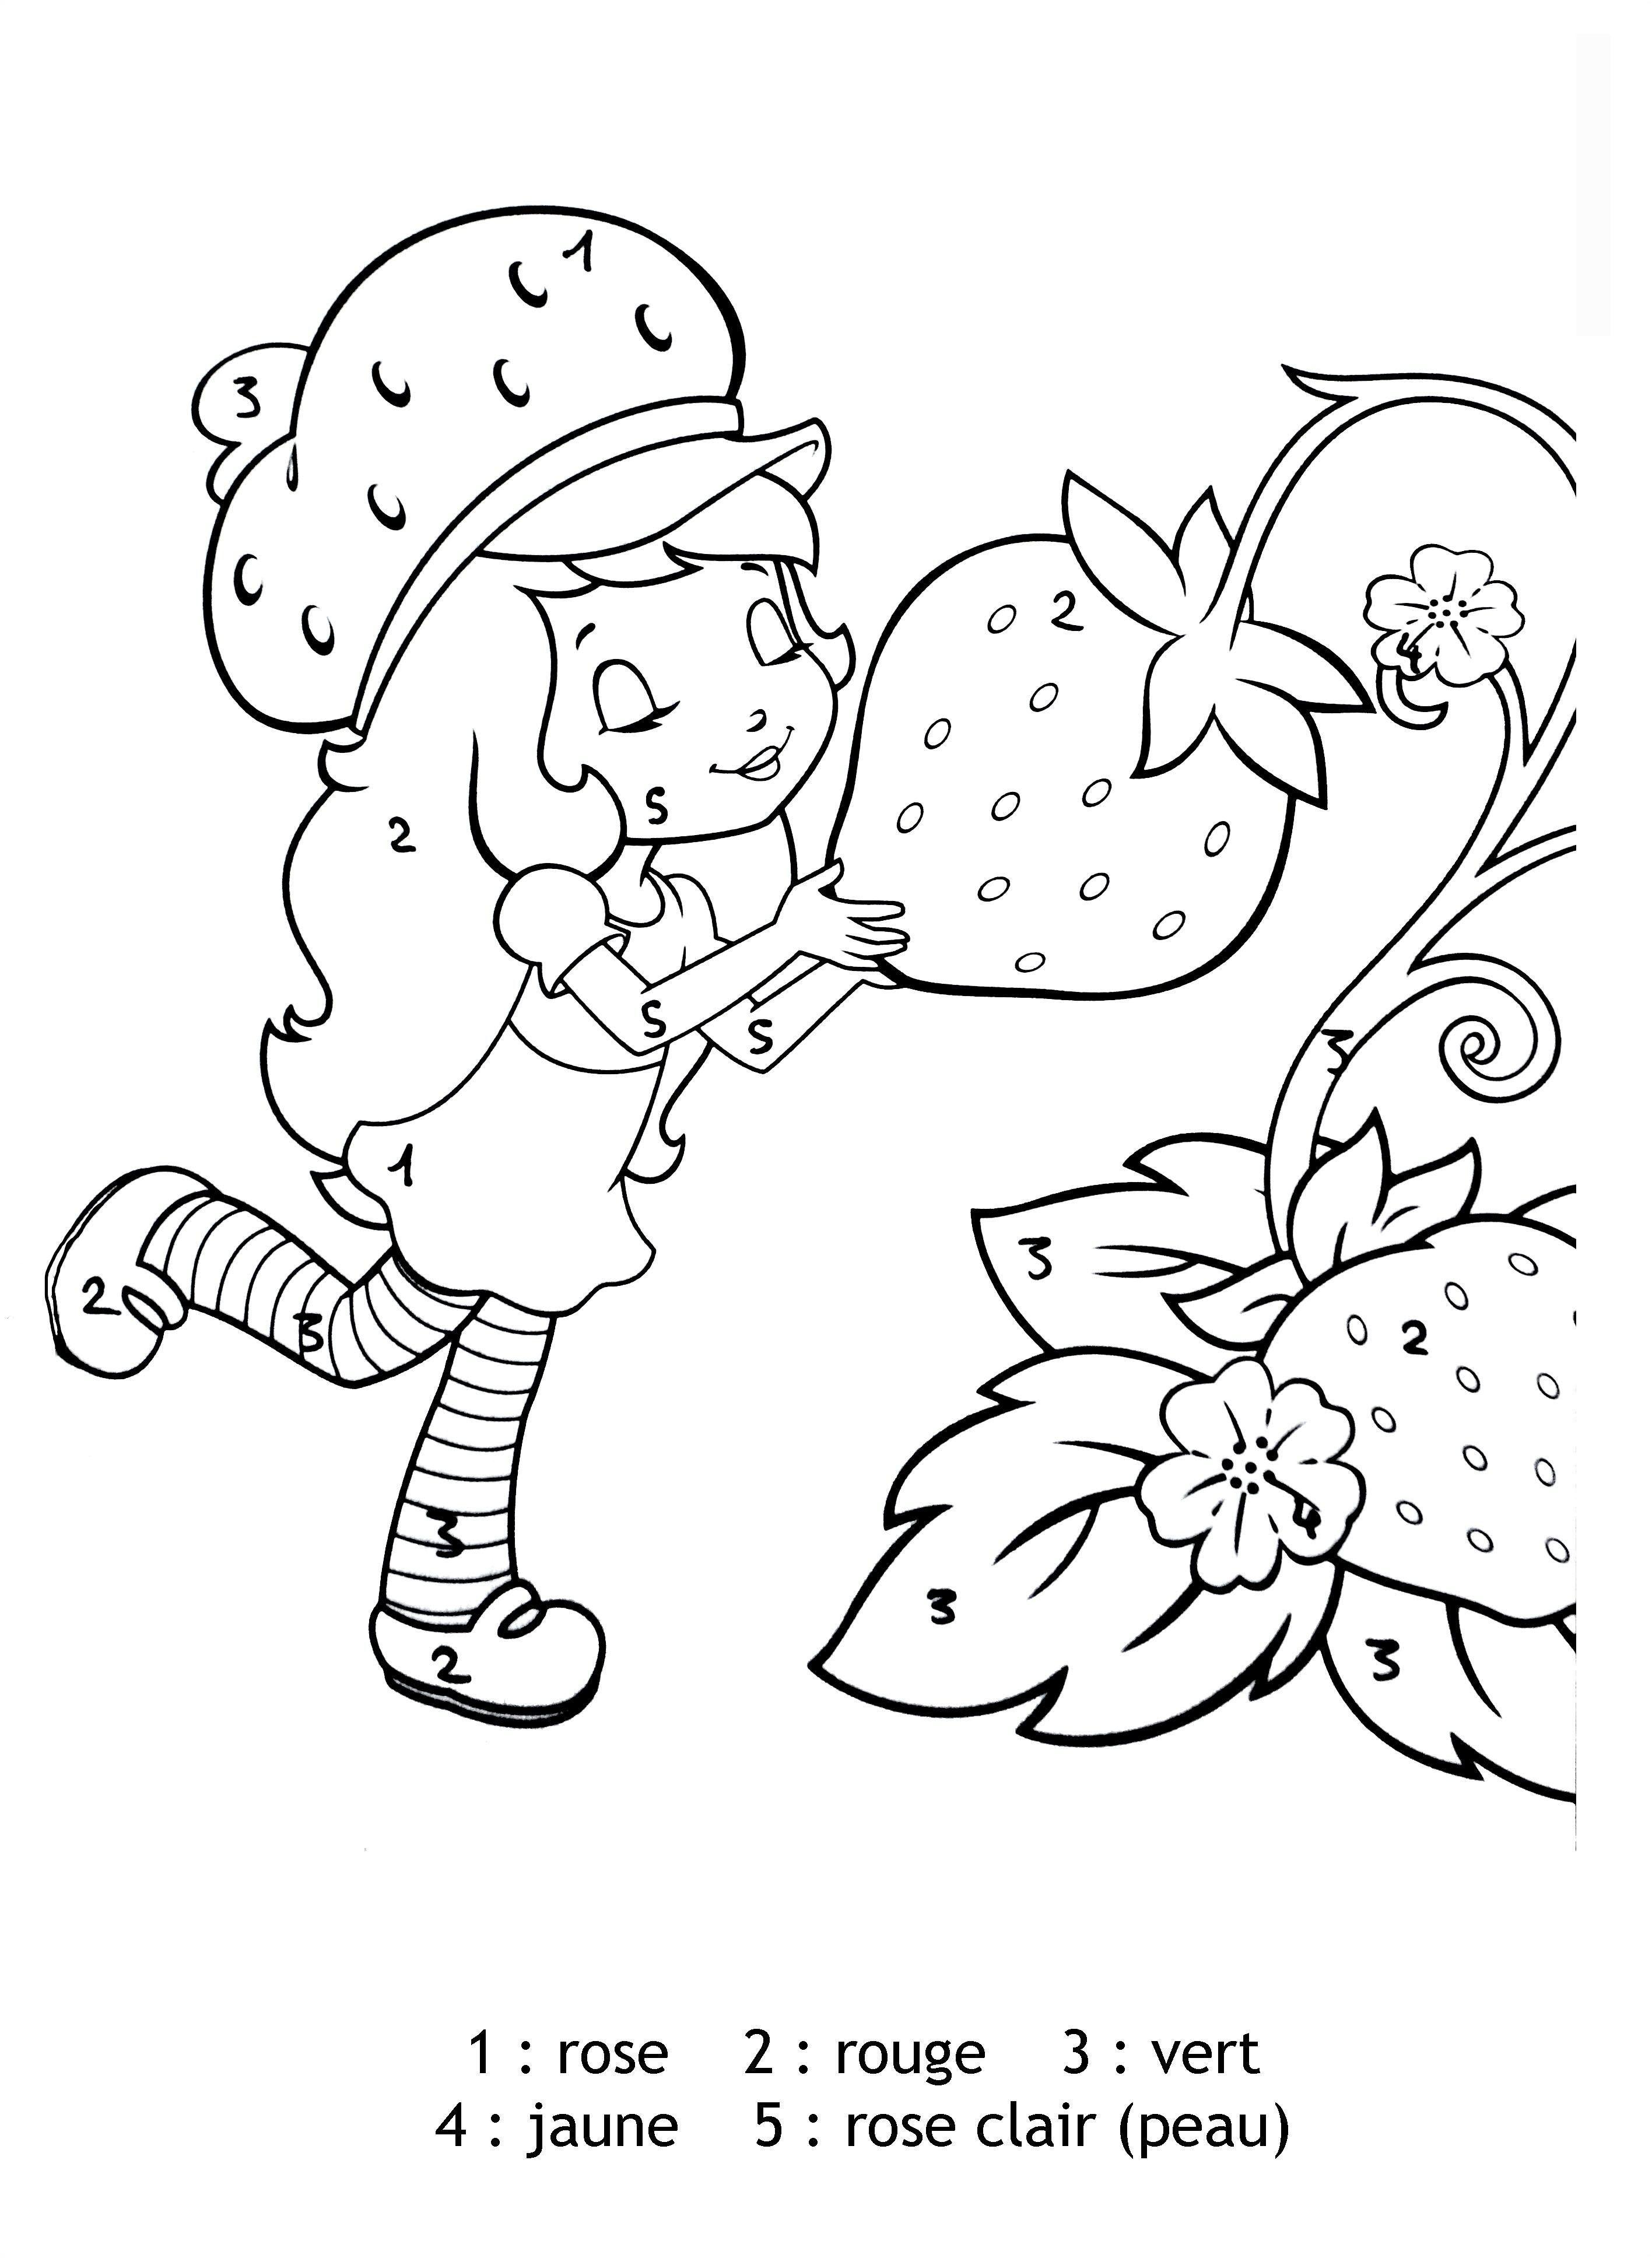 13 Petite Coloriage Gratuit A Imprimer Image Strawberry Shortcake Coloring Pages Cartoon Coloring Pages Super Coloring Pages